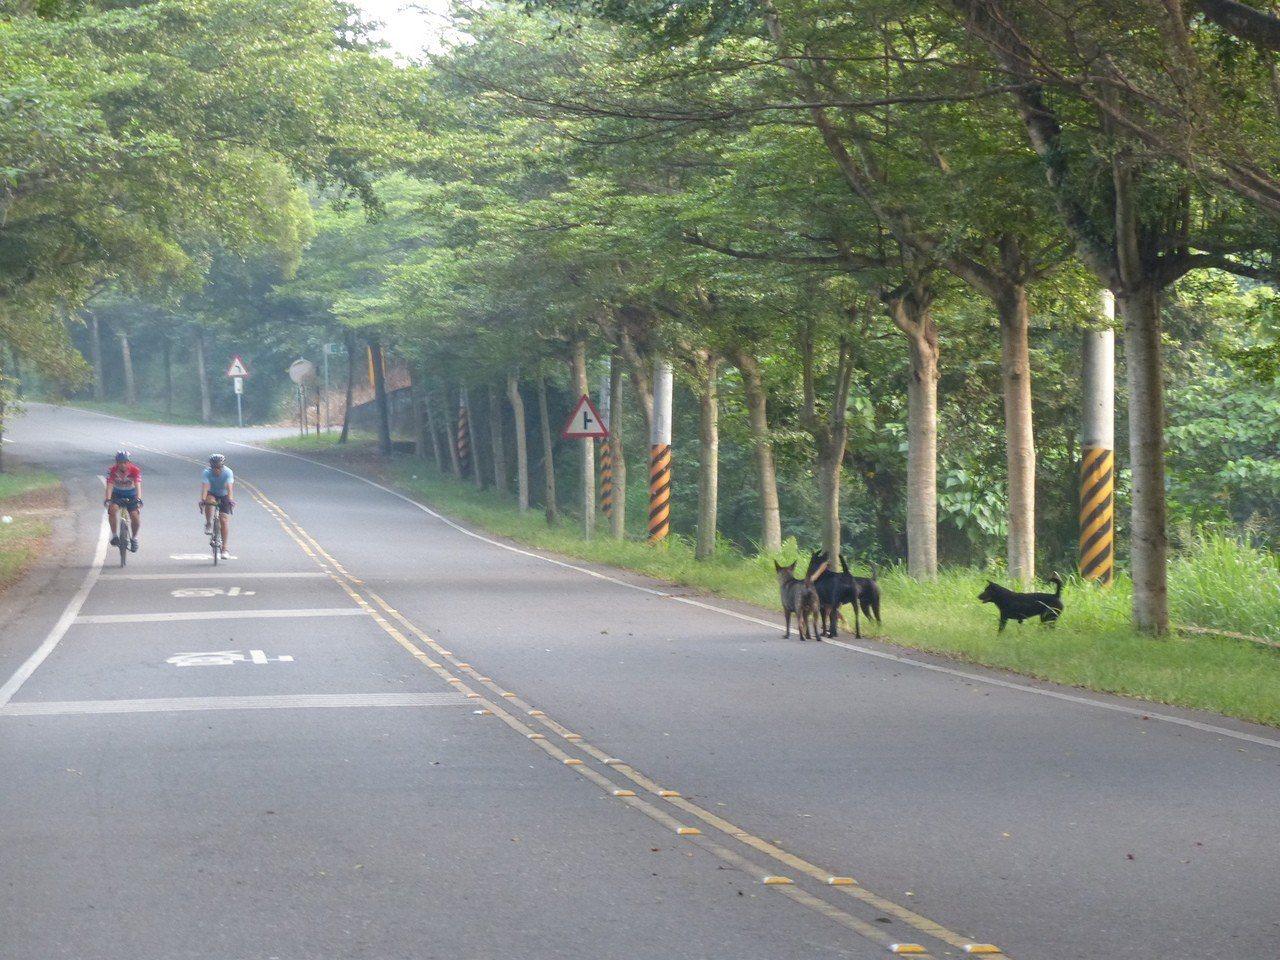 彰化縣八卦139線縣道流浪犬充斥,危及單車騎士的安全。本資料照片